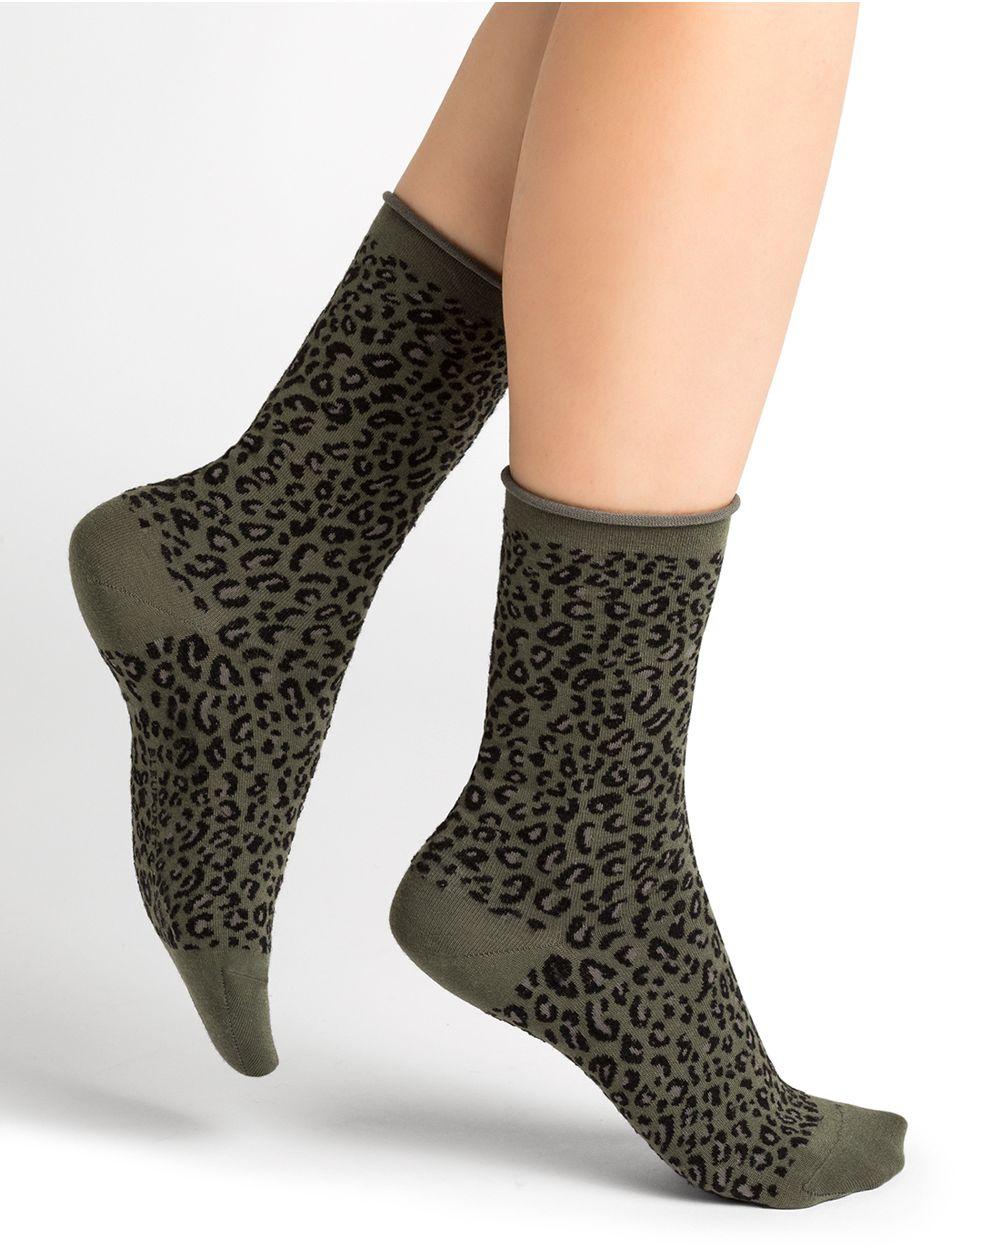 Chaussettes laine motif léopard